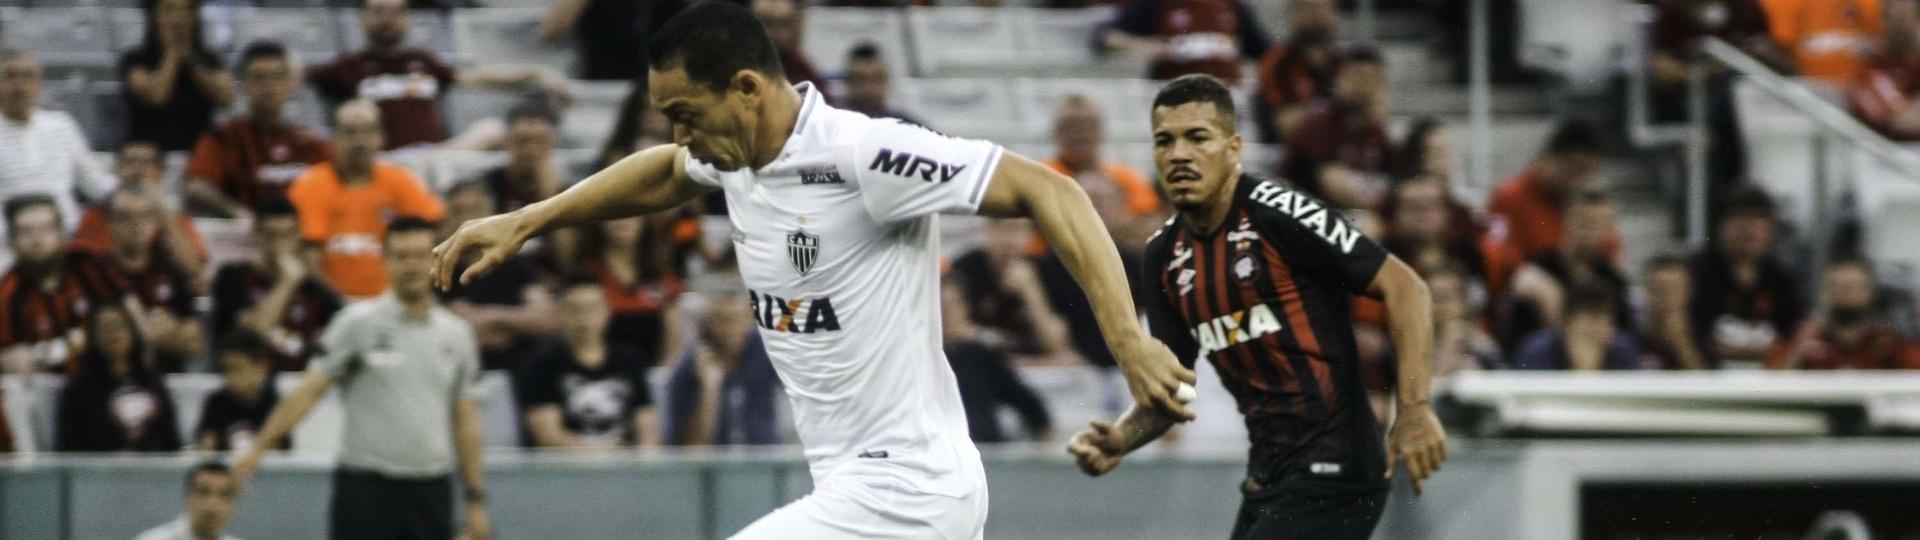 O atacante Ricardo Oliveira em lance do jogo entre Atlético-PR e Atlético-MG